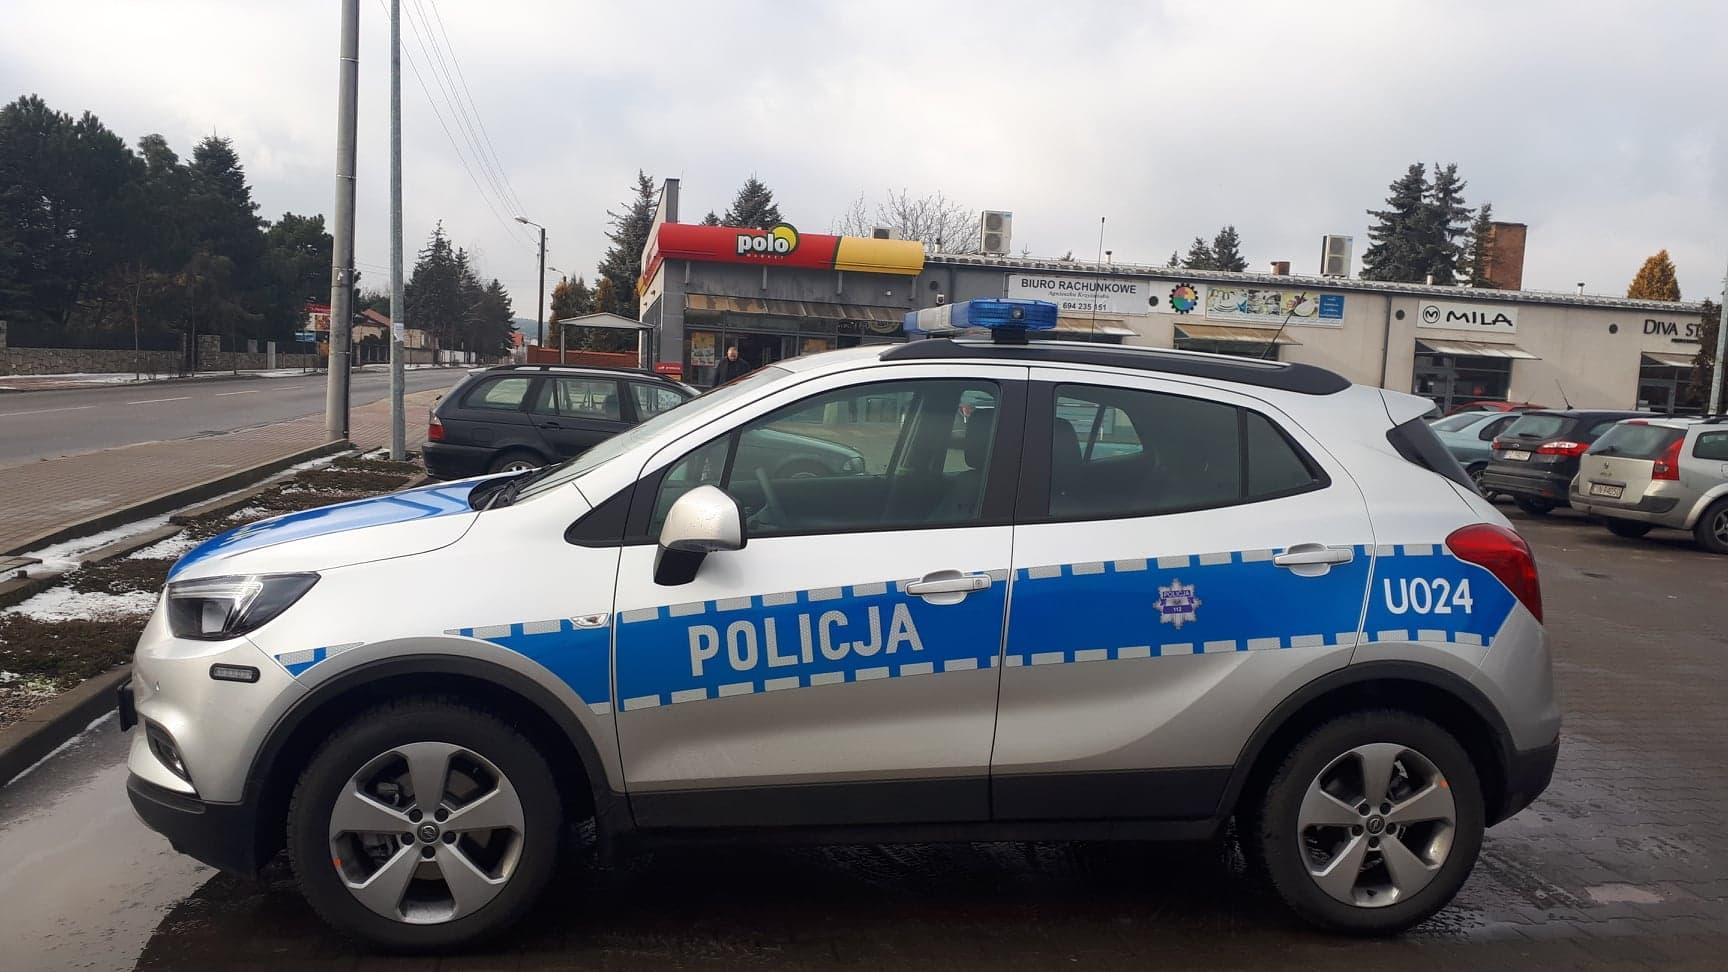 nożownik Polo radiowóz policja - Łukasz Kasprowicz - Radio Poznań